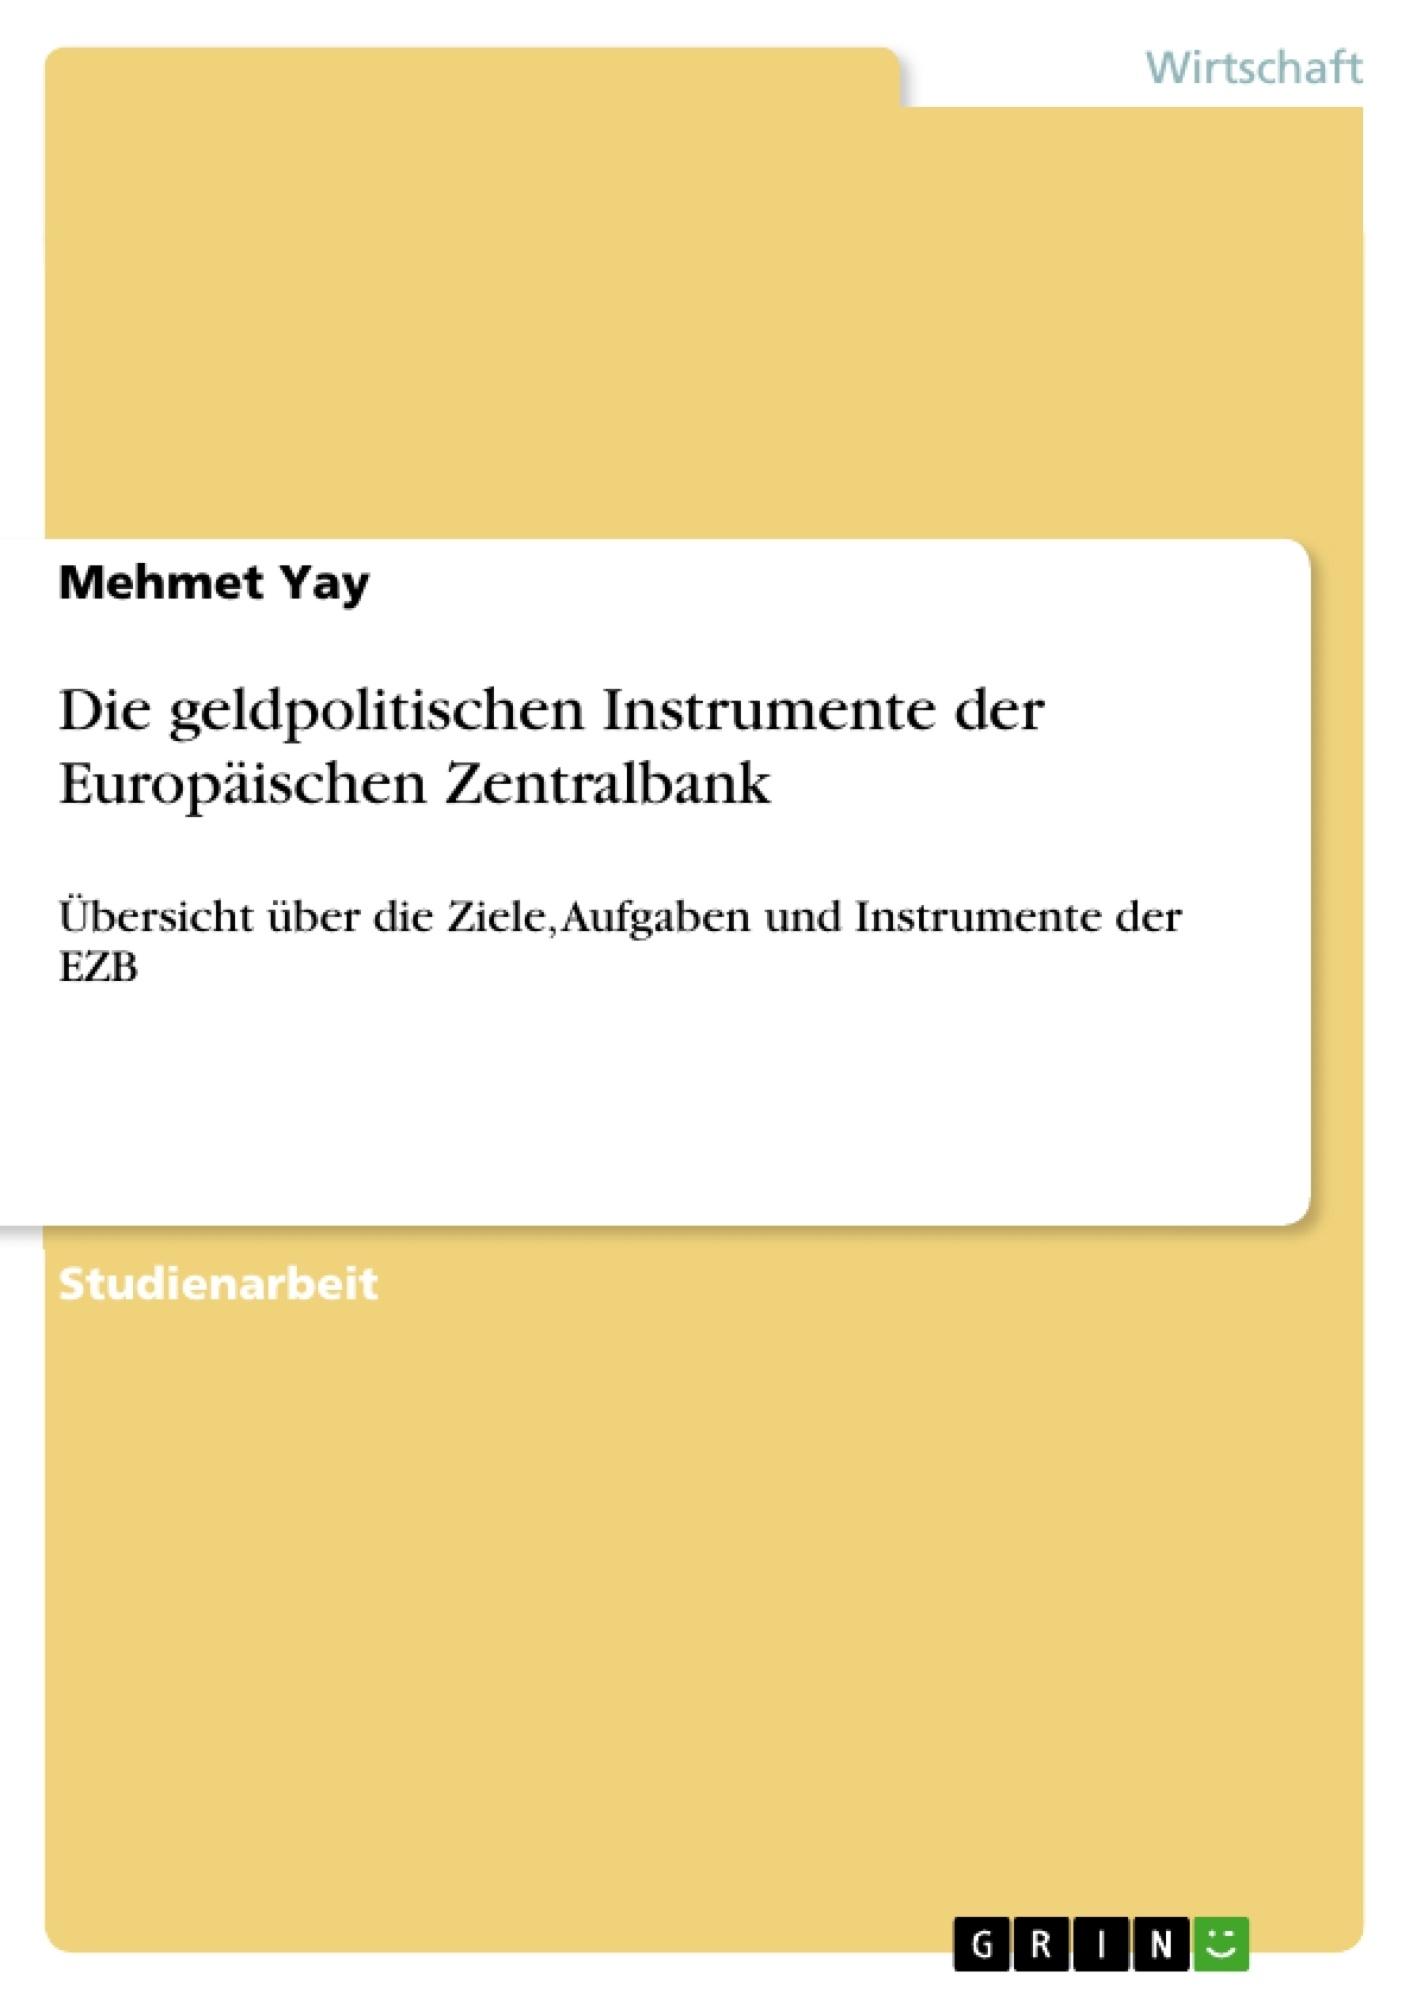 Titel: Die geldpolitischen Instrumente der Europäischen Zentralbank